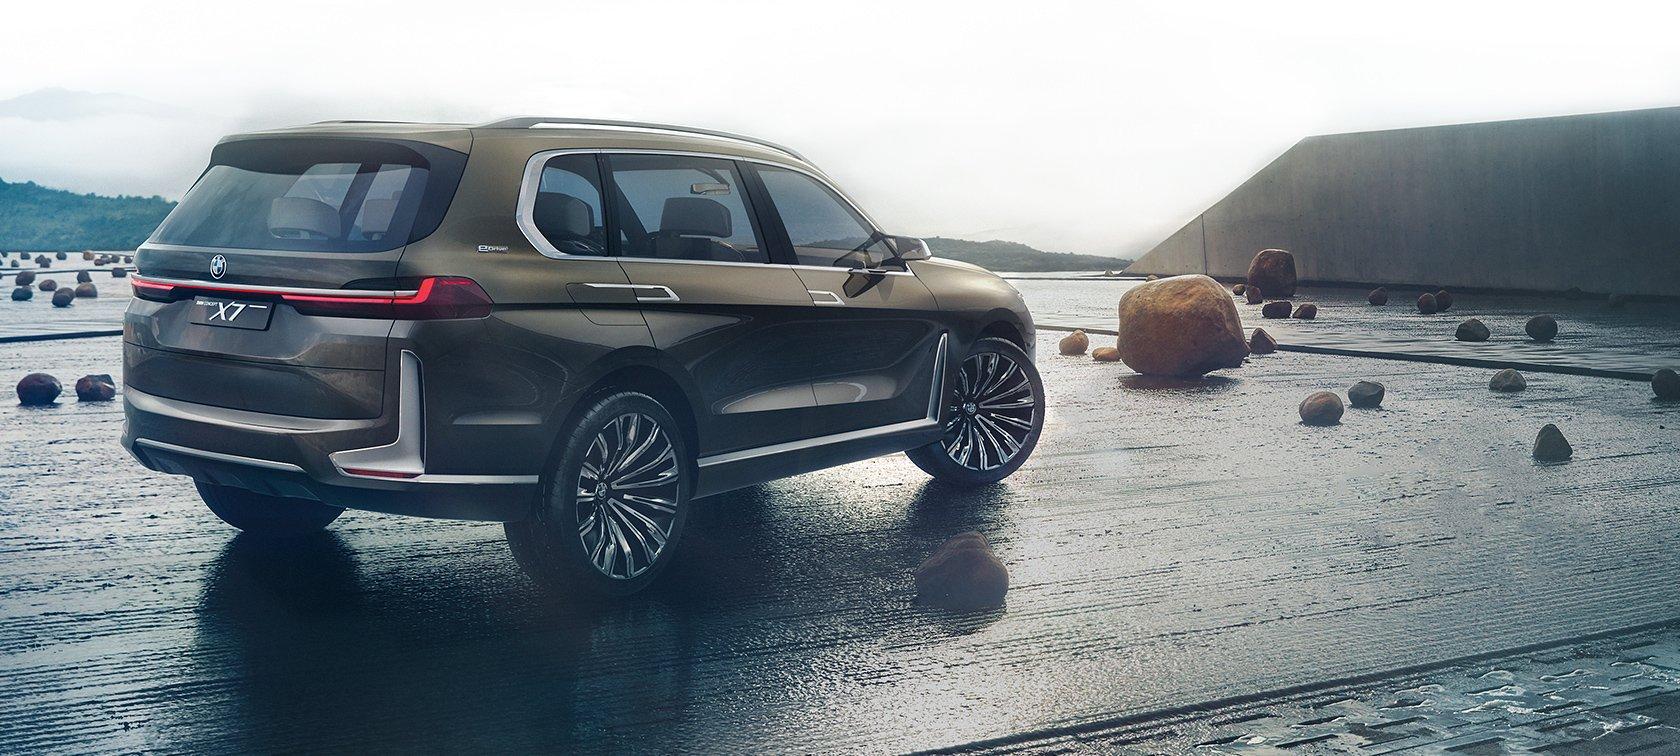 Новый огромный кроссовер BMW X7